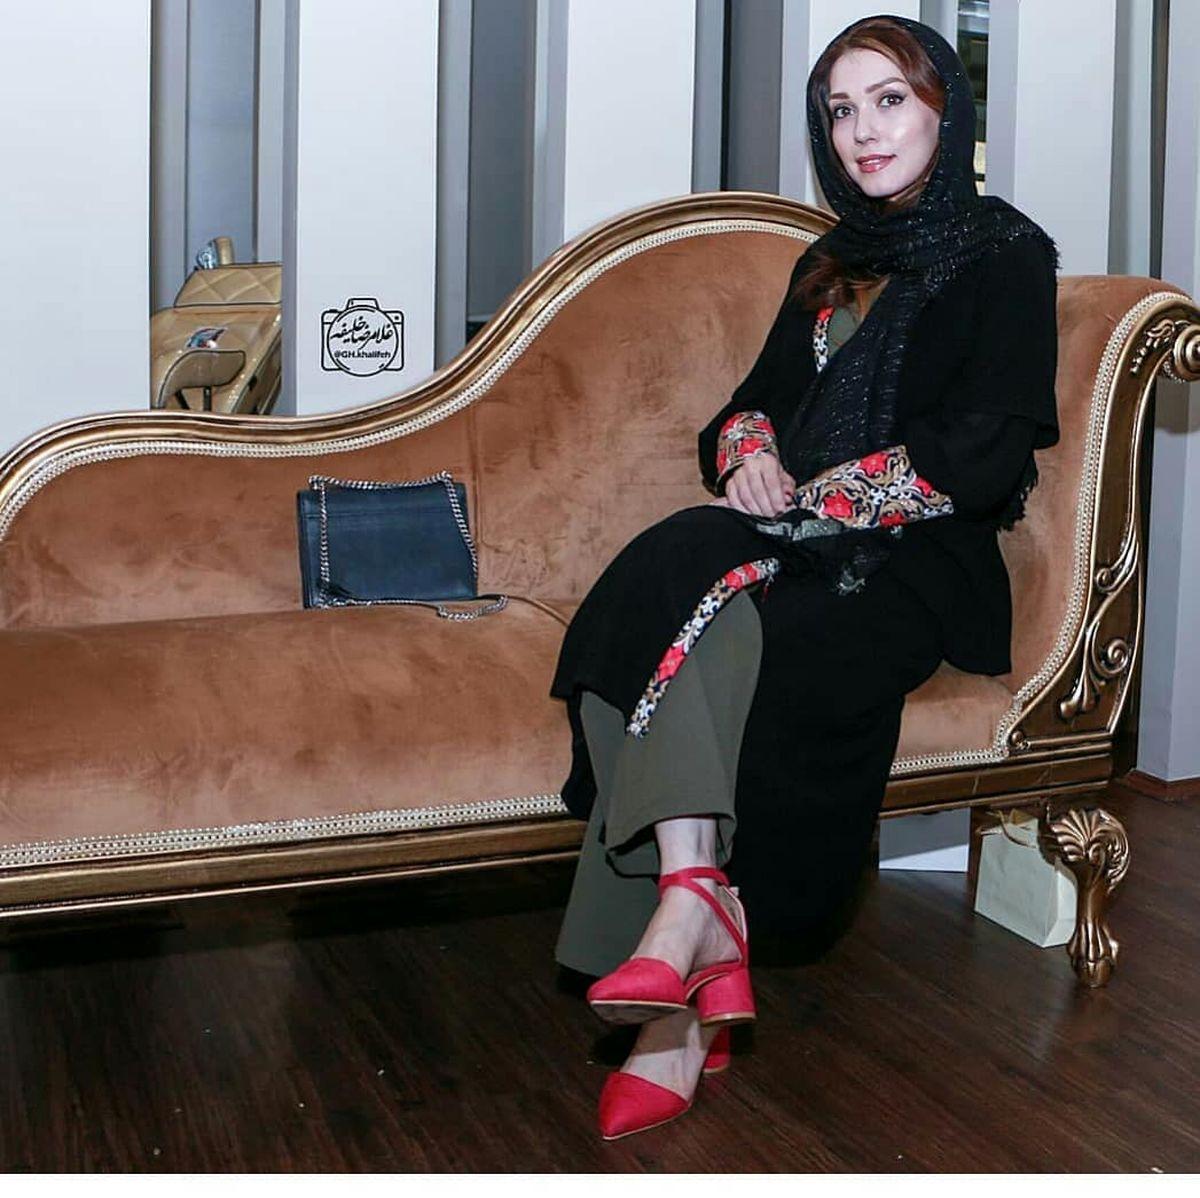 پاهای برهنه شهرزاد کمال زاده در تبلیغات +عکس